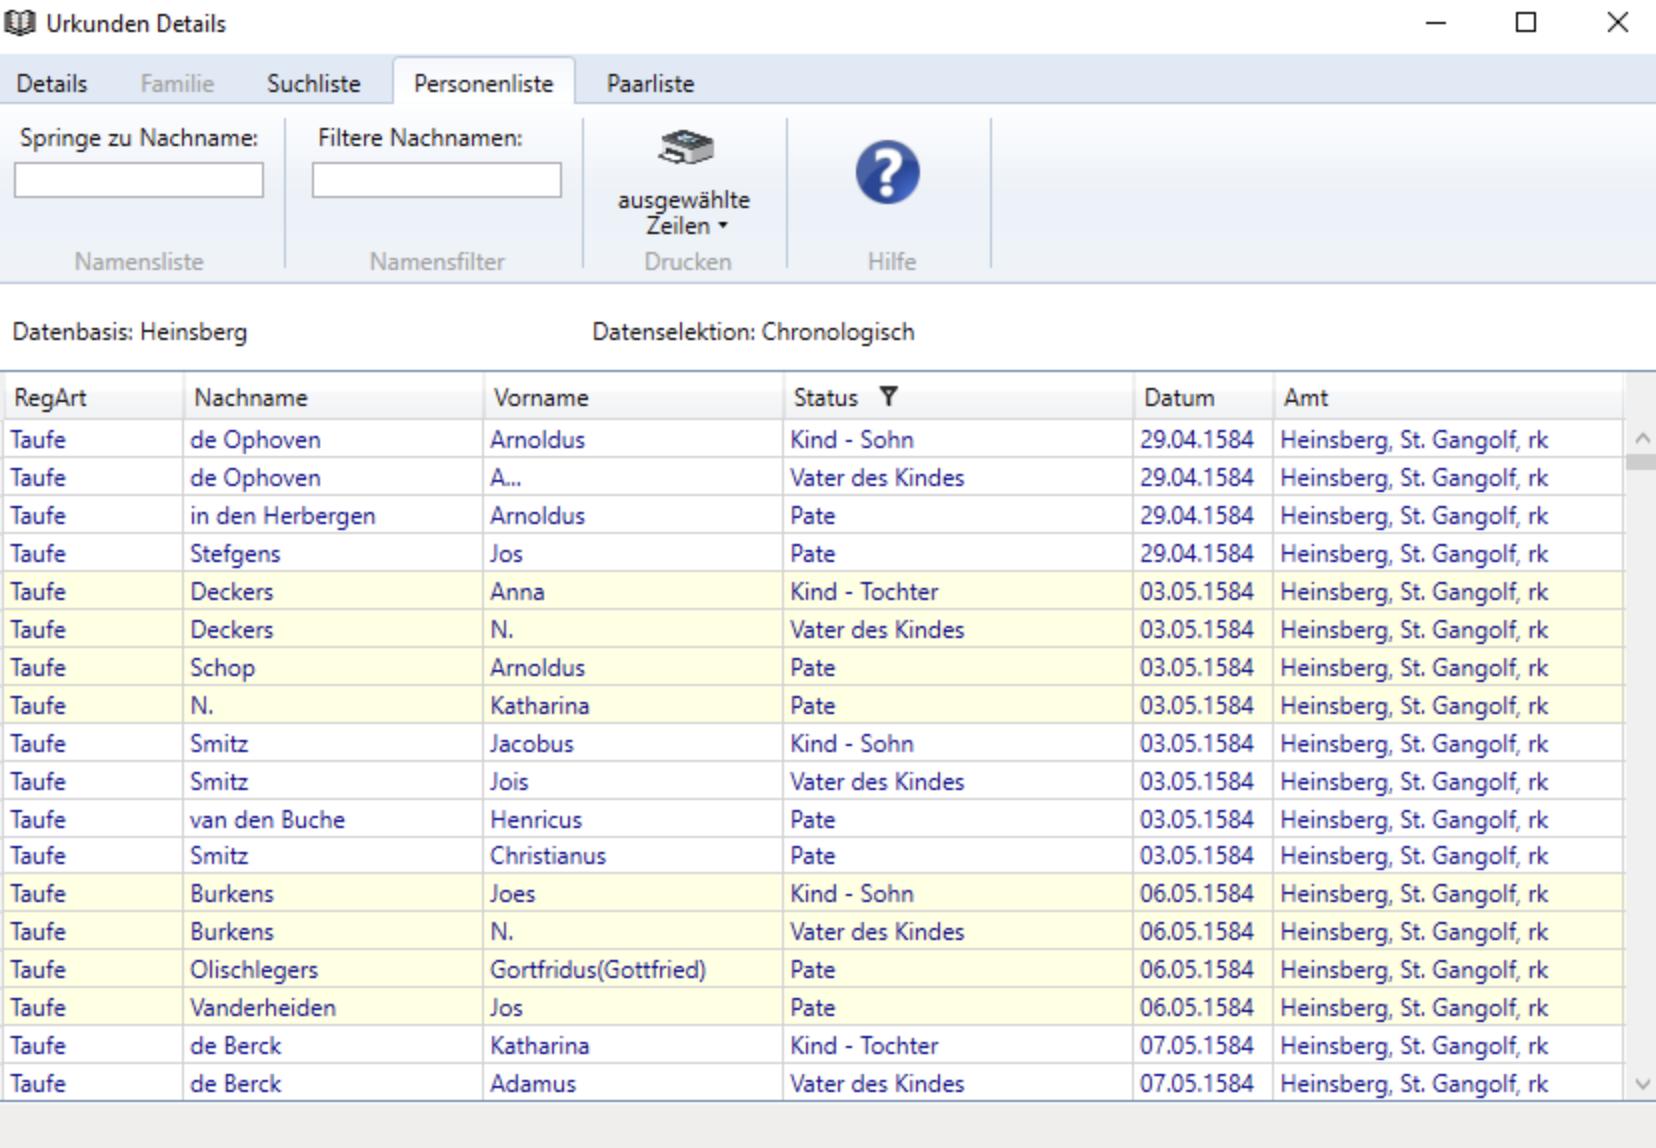 """Datenbank """"Personenstand Reader 2"""" als genealogische Forschungsquelle vorgestellt!"""